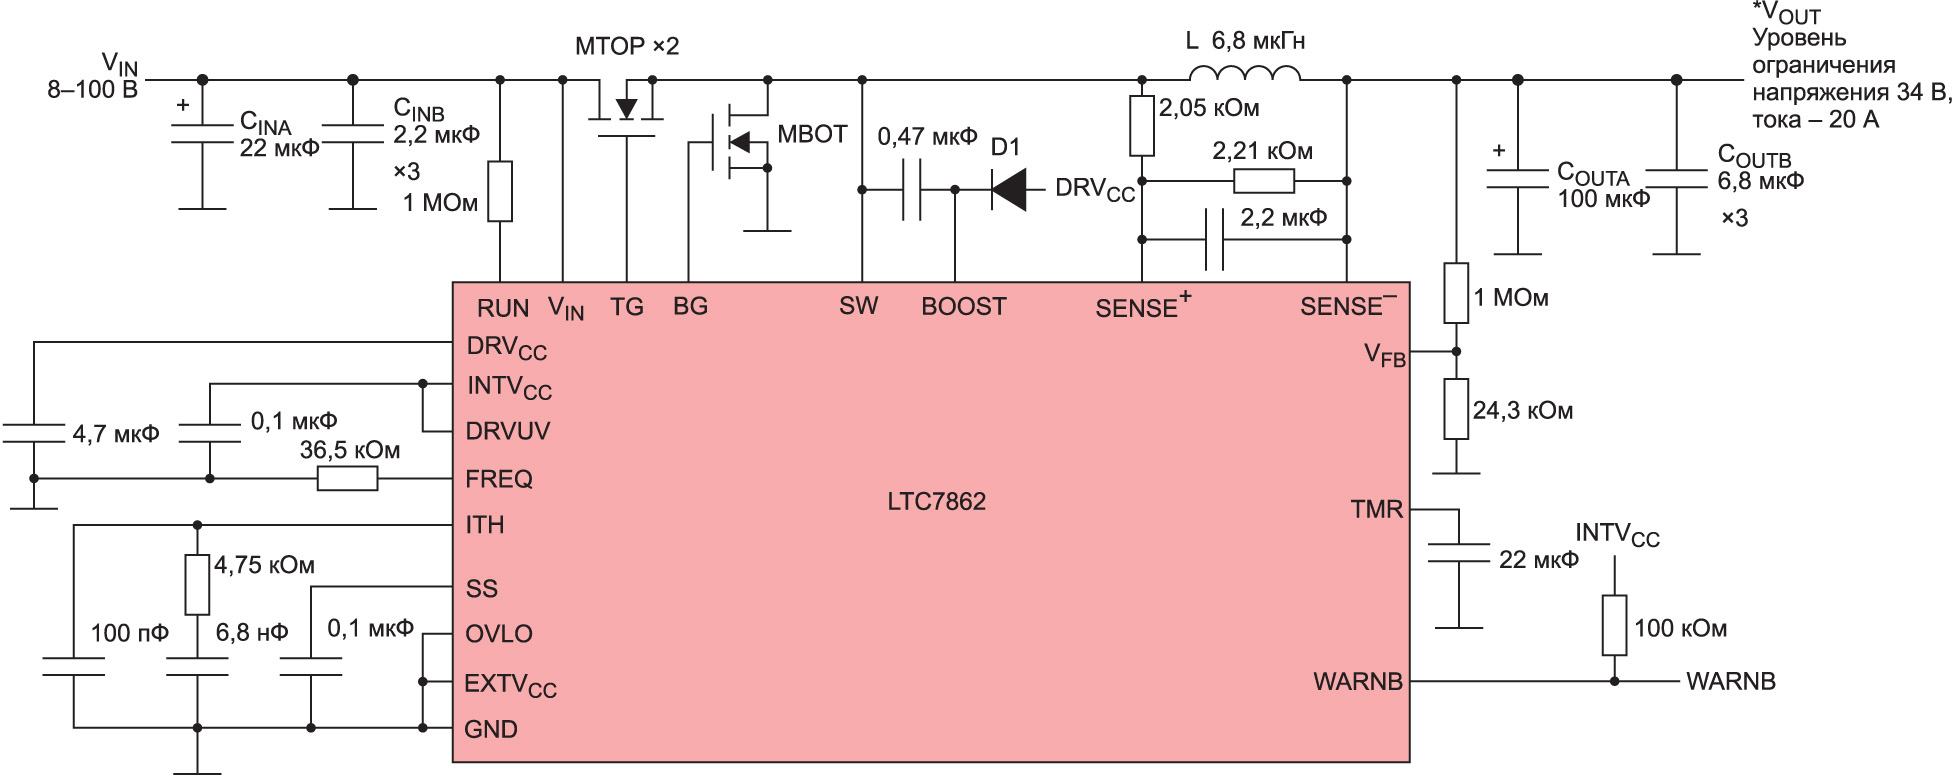 Схема включения ограничителя LTC7862